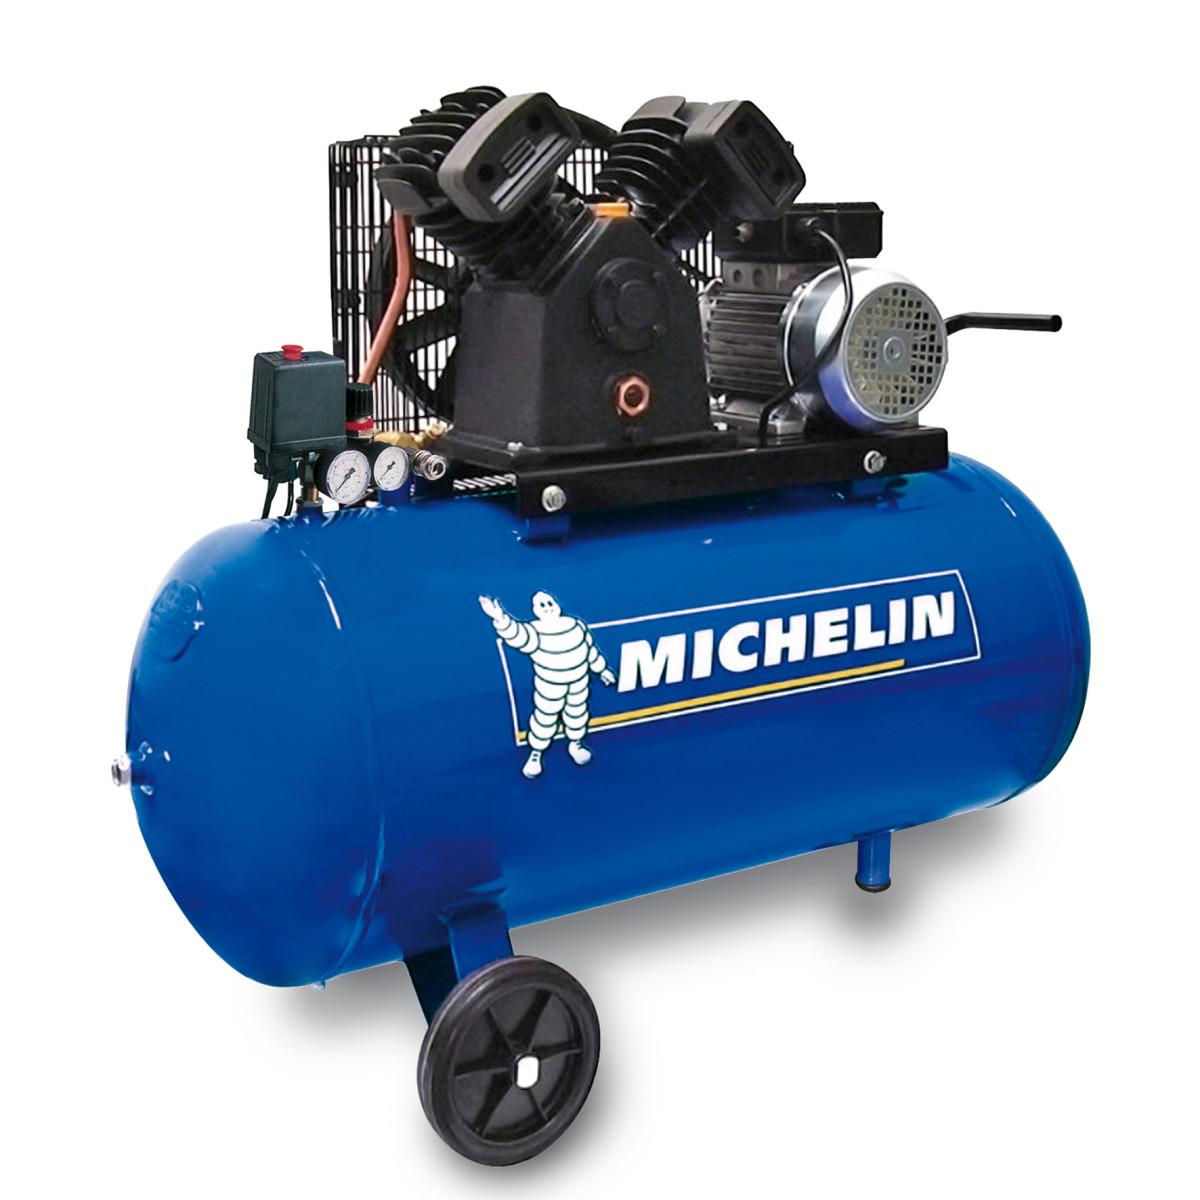 Fini genius 230 compressore serbatoio 6lt 1 1kw prezzo e for Motore tapparelle leroy merlin